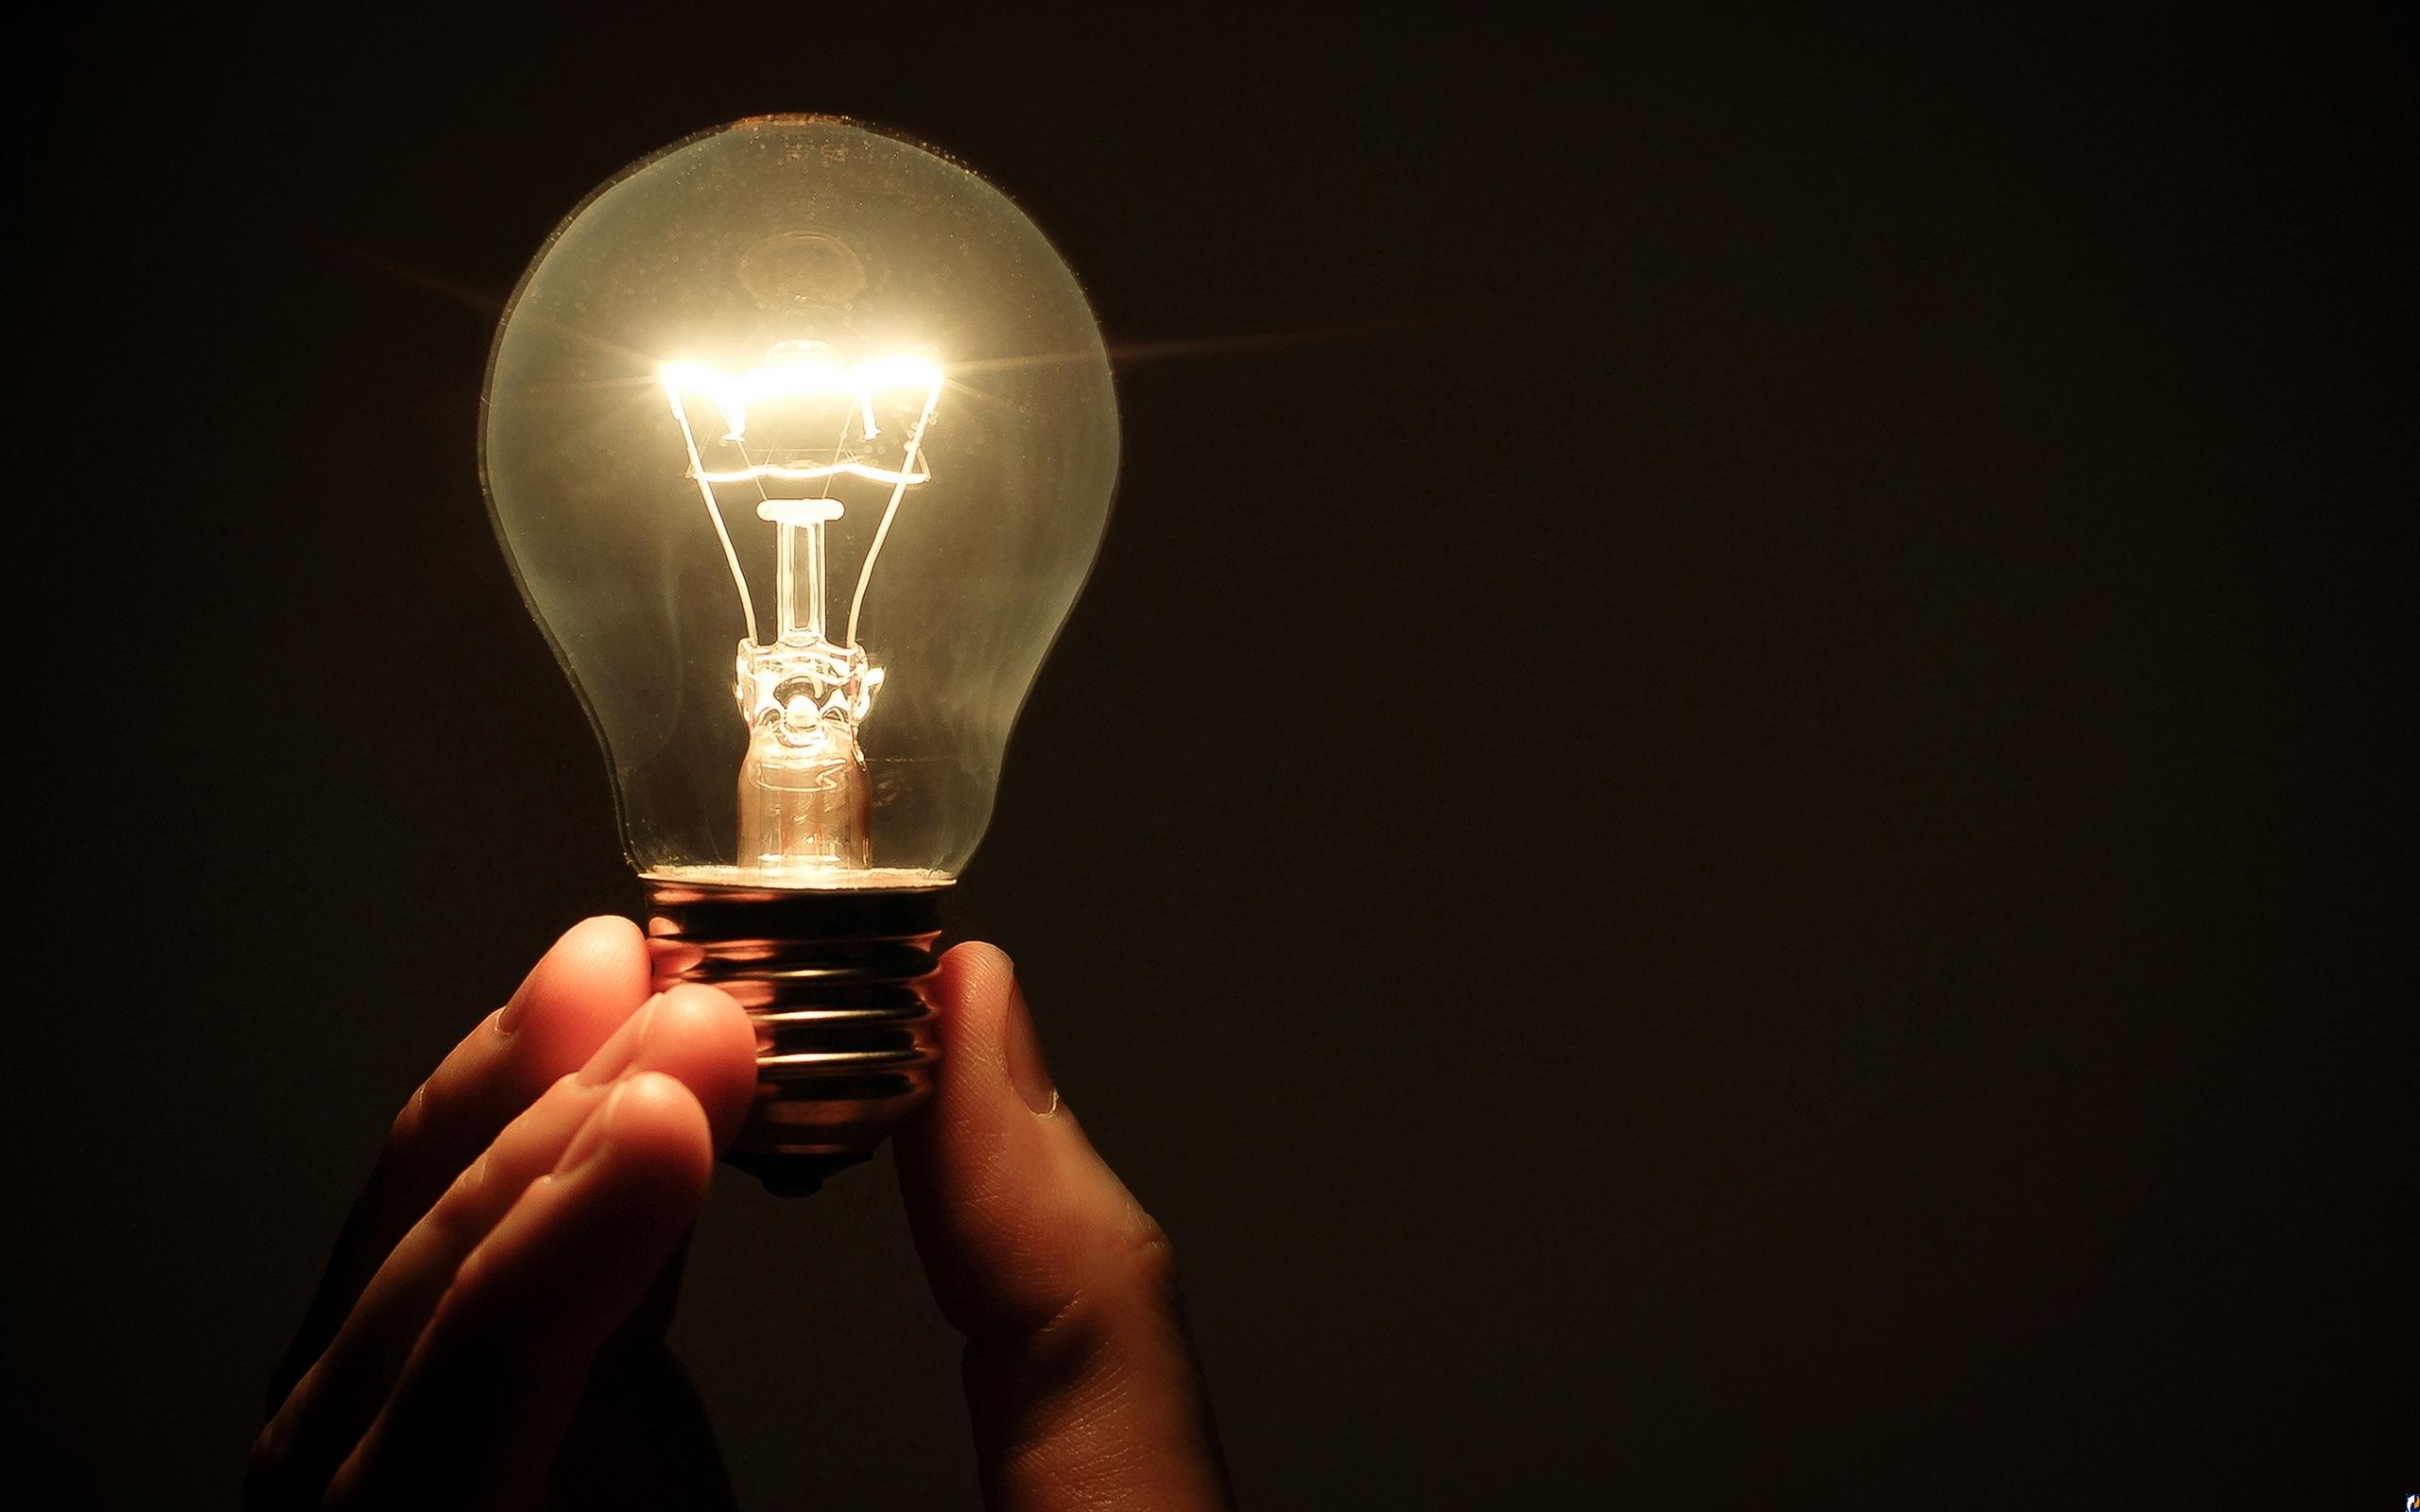 Централизованные торги электрической мощностью отложили